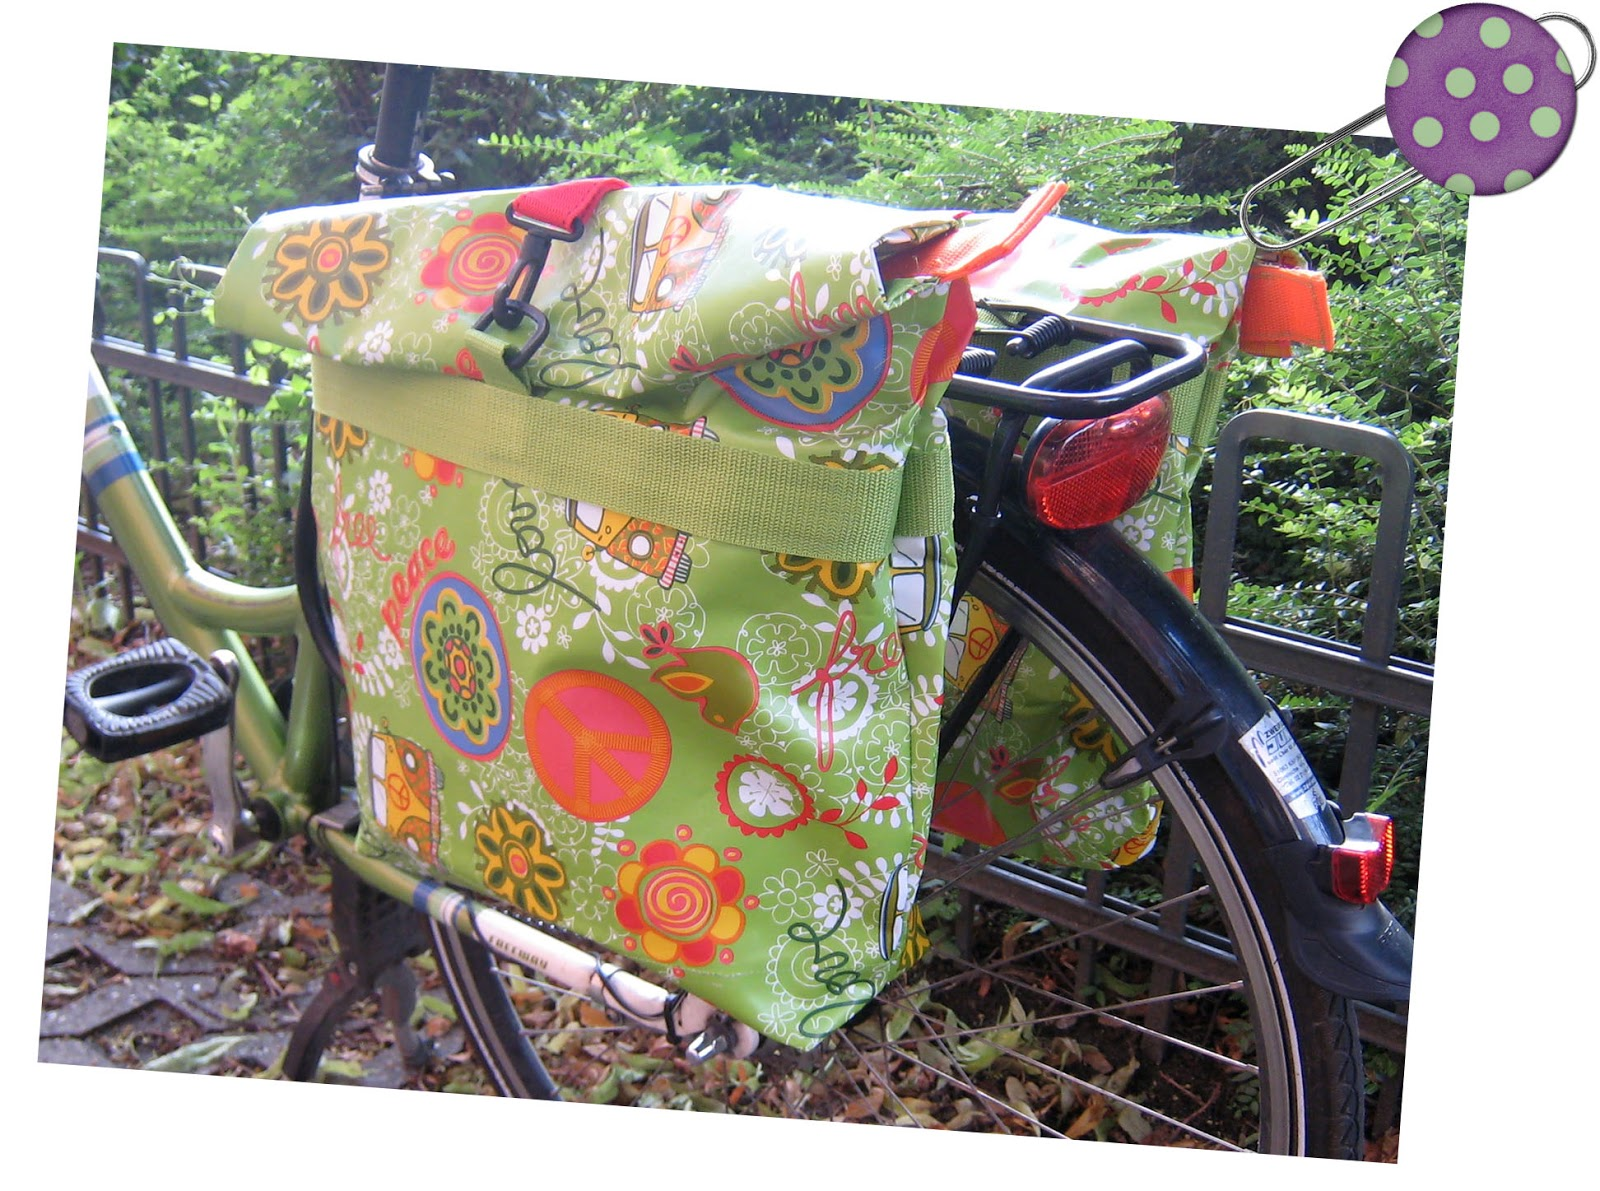 heikchen 39 s kram fahrrad satteltaschen. Black Bedroom Furniture Sets. Home Design Ideas